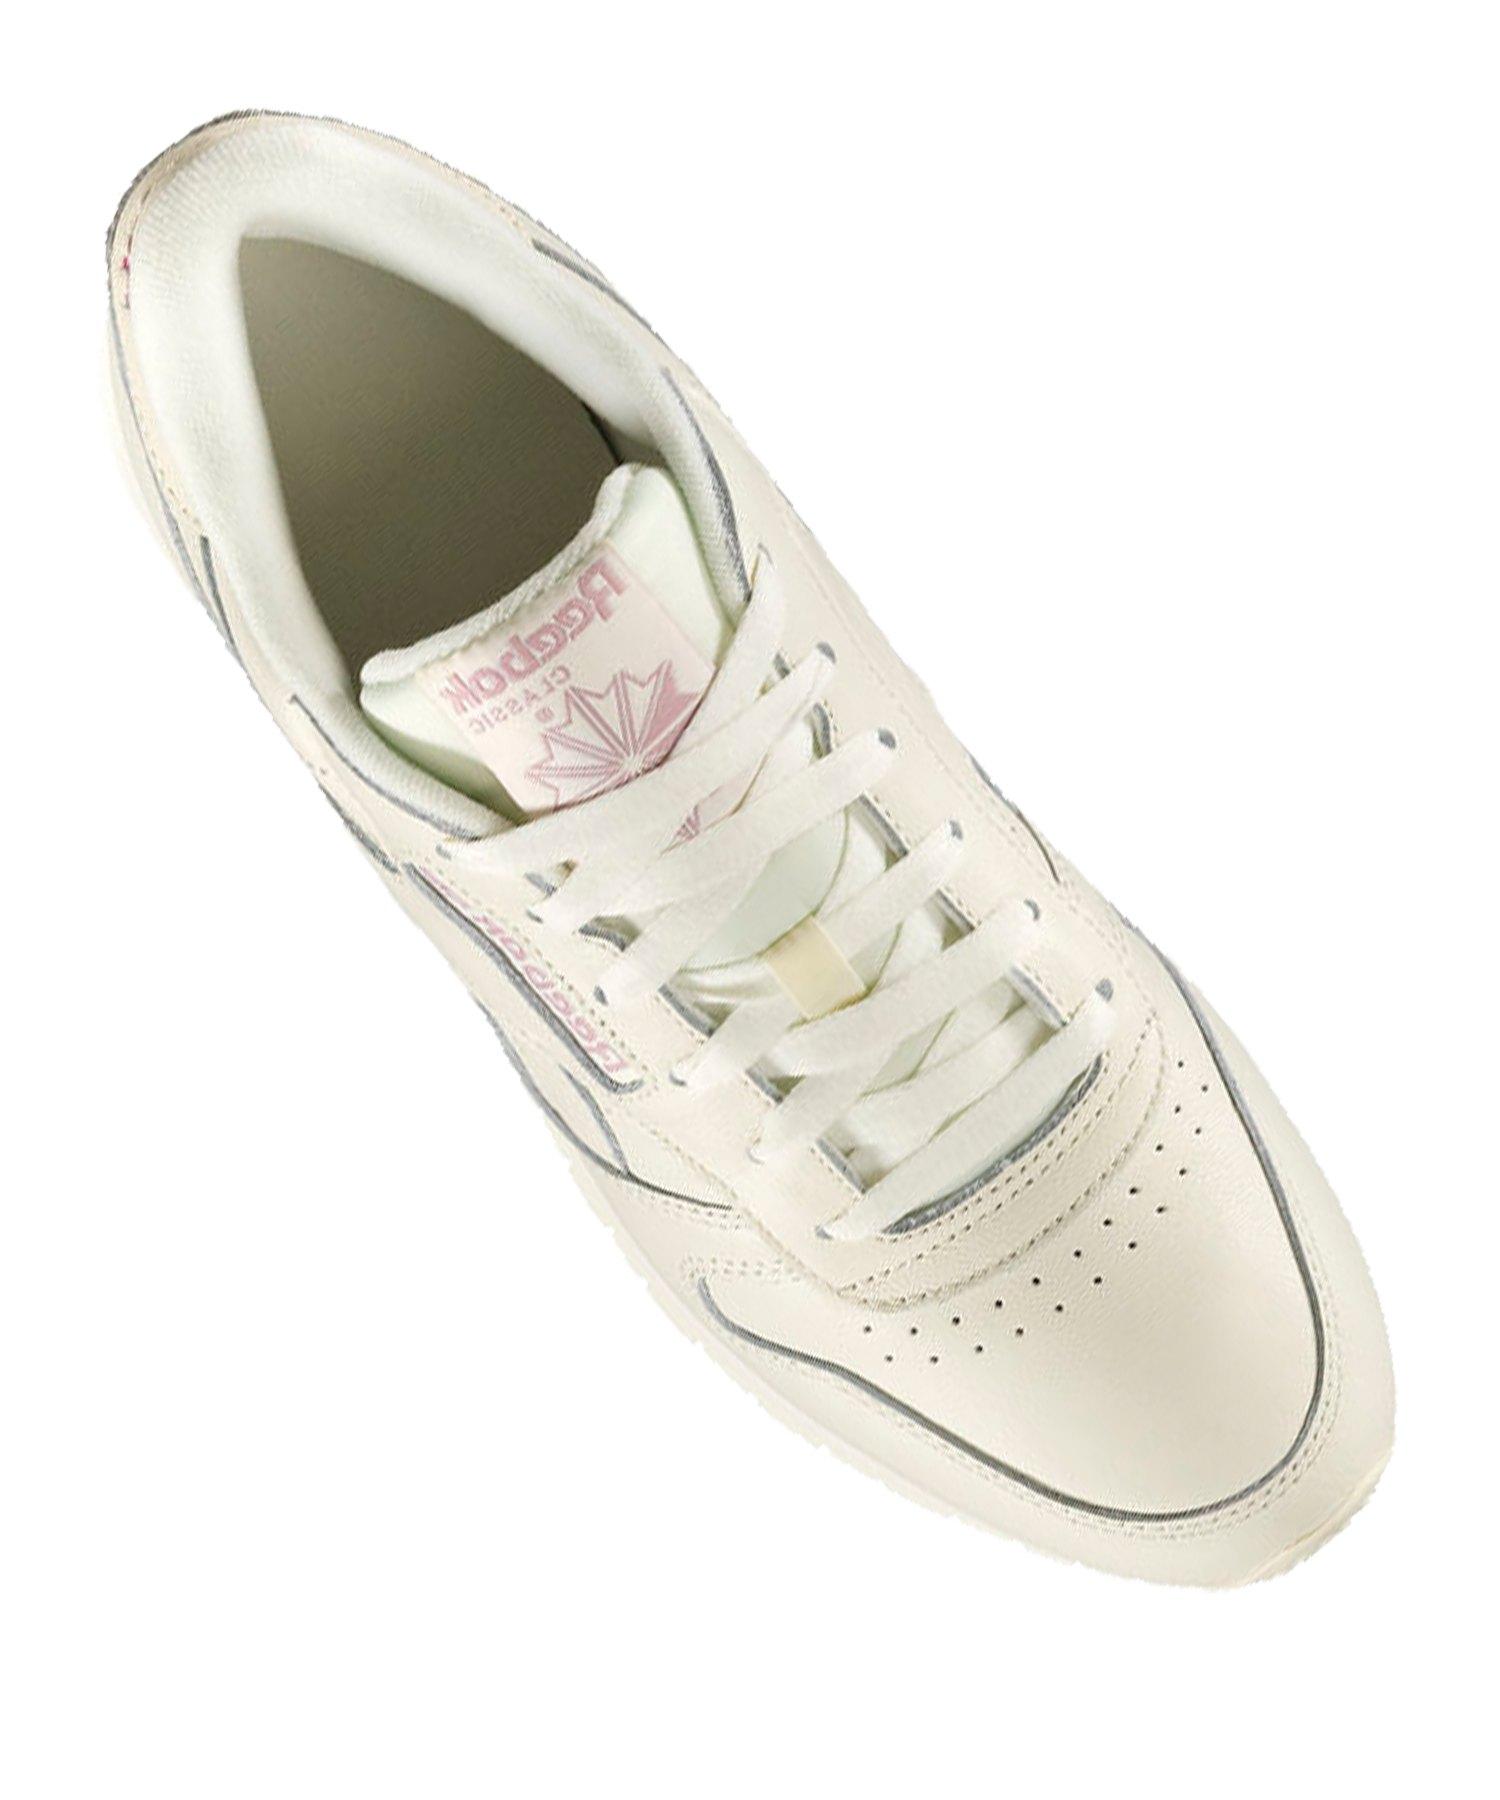 meet dfbc8 25aab Reebok Classic Leather Sneaker Damen Weiss